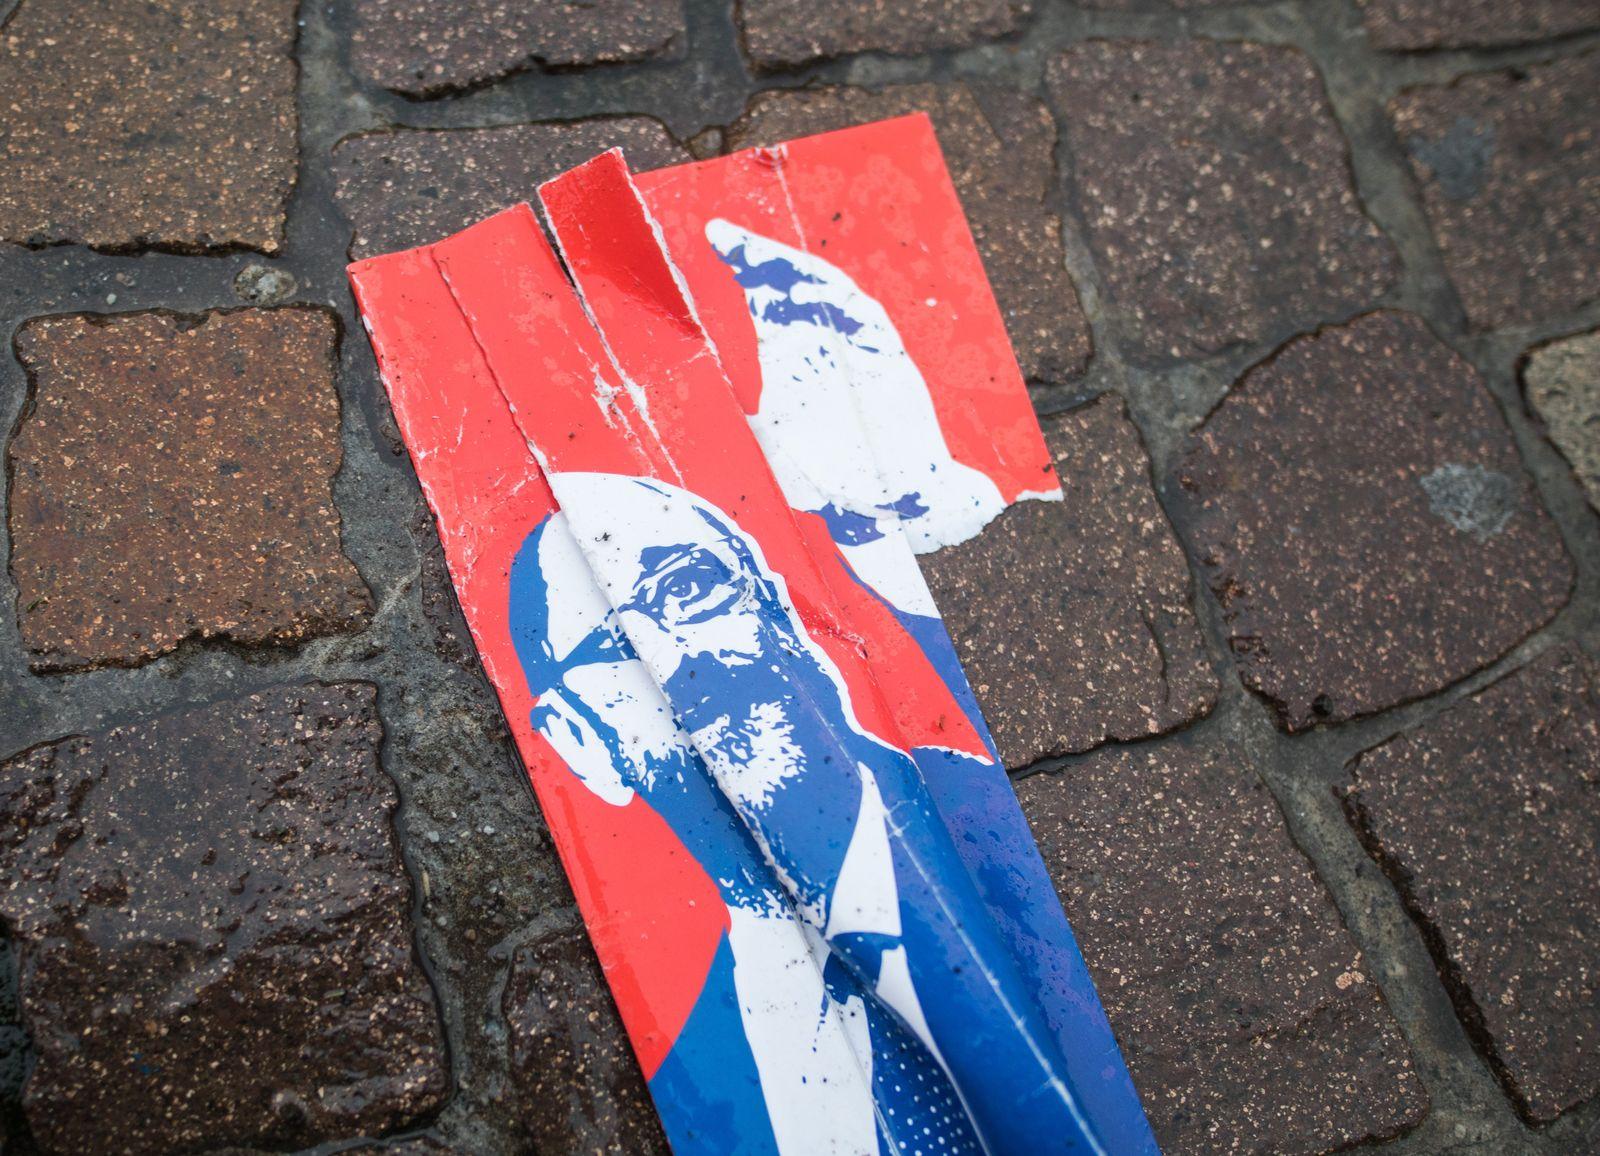 SPD/ Plakat/ Regen